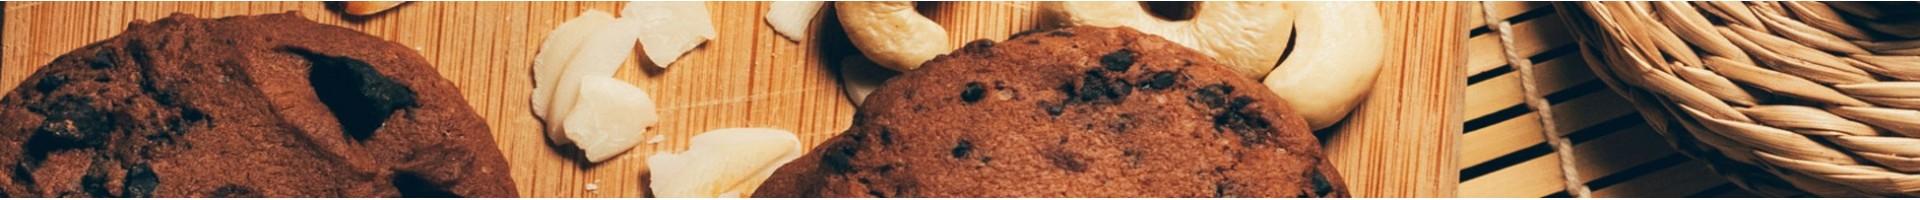 Galletas de Espelta, Galletas de Espelta y Chocolate | La Finestra